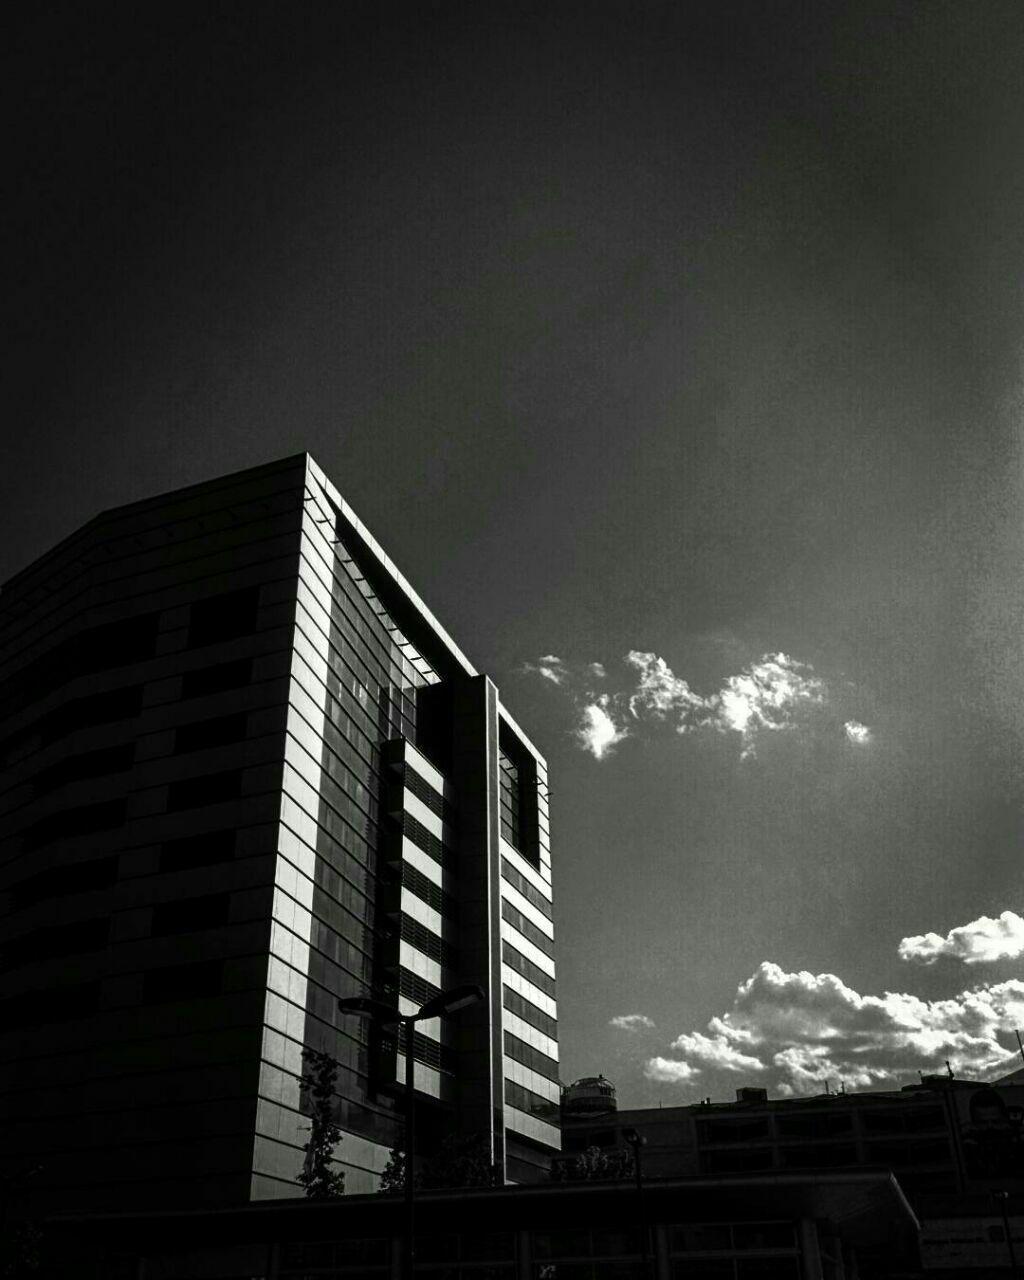 photo_2016-08-11_20-26-40